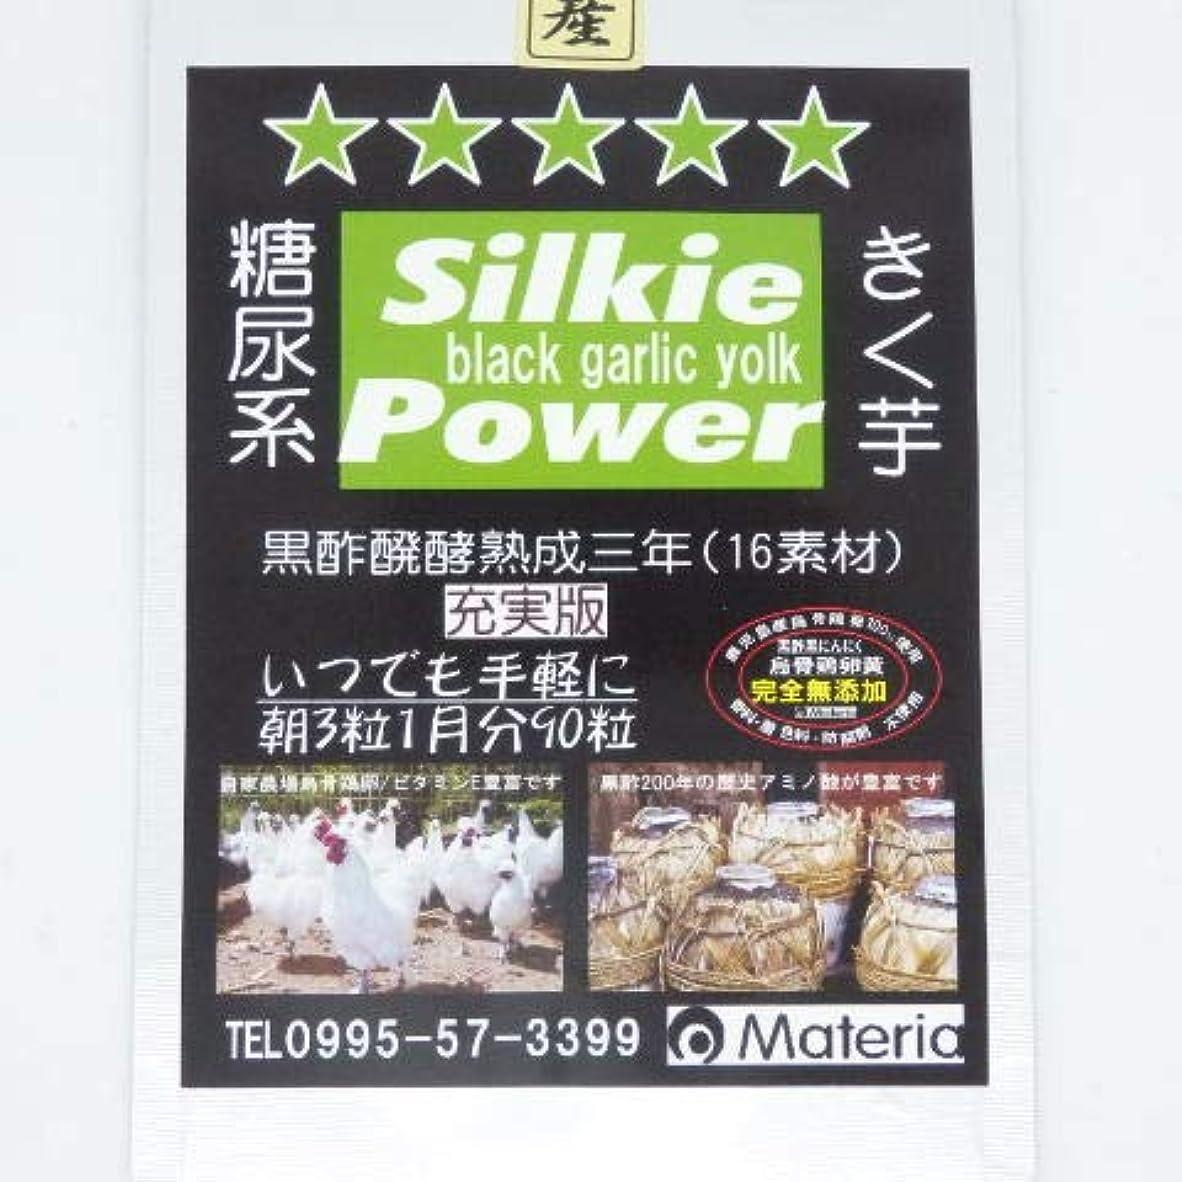 根絶する茎忘れる黒酢黒にんにく烏骨鶏卵黄/菊芋糖系 (90粒)90日分¥12,500